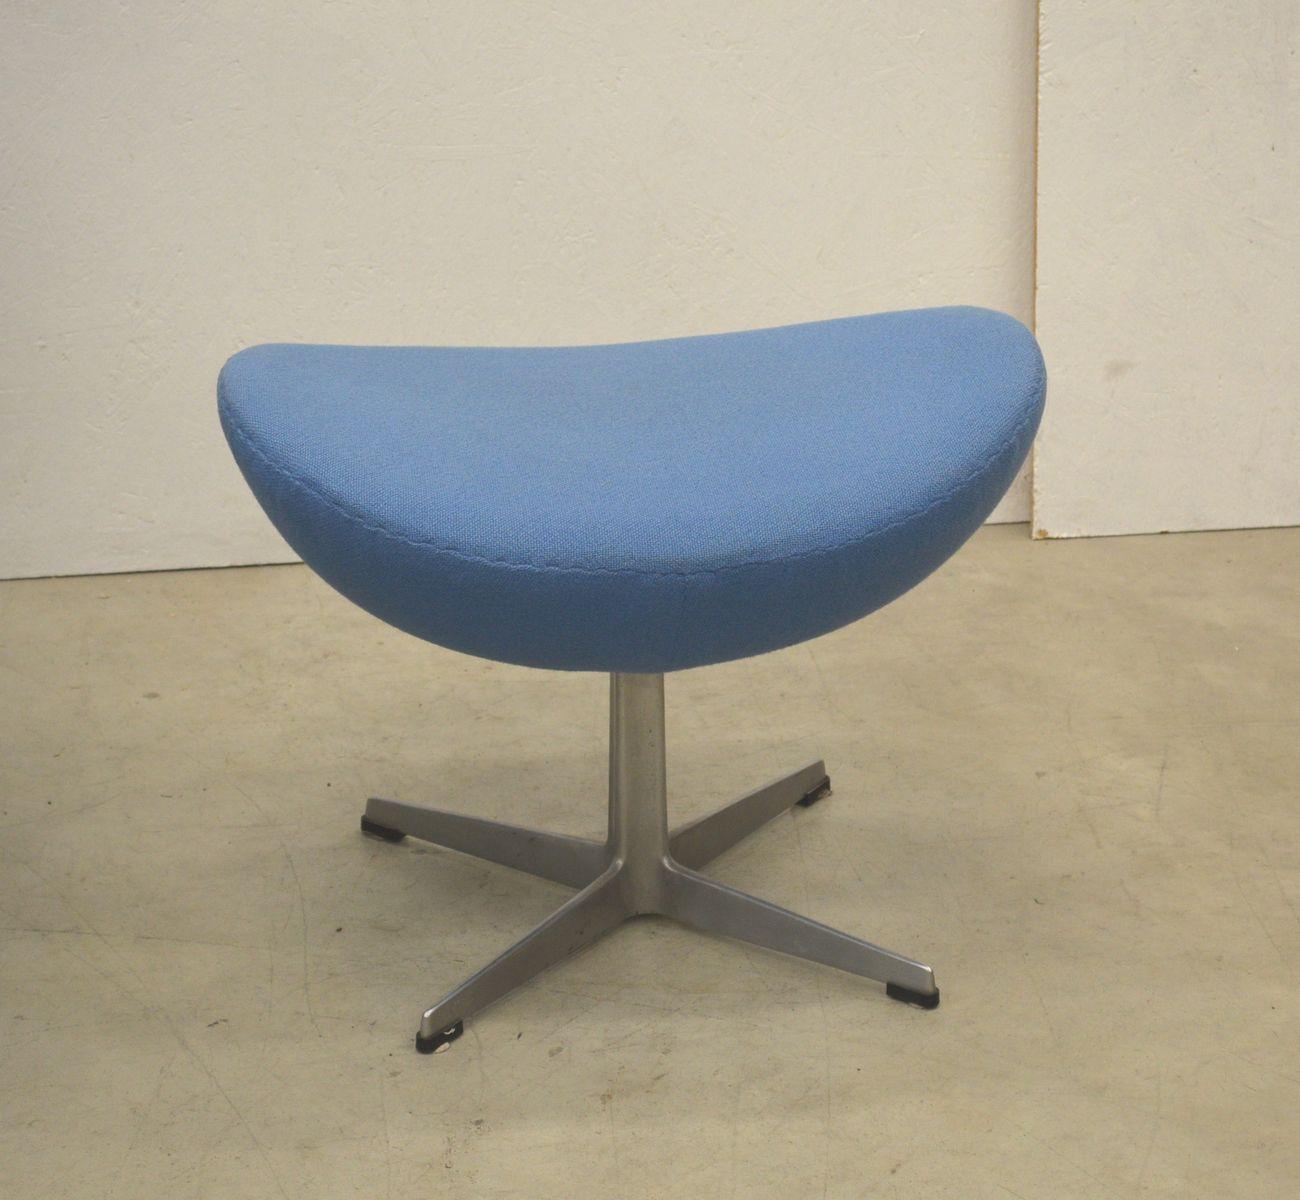 egg chair ottoman von arne jacobsen f r fritz hansen 1979 bei pamono kaufen. Black Bedroom Furniture Sets. Home Design Ideas